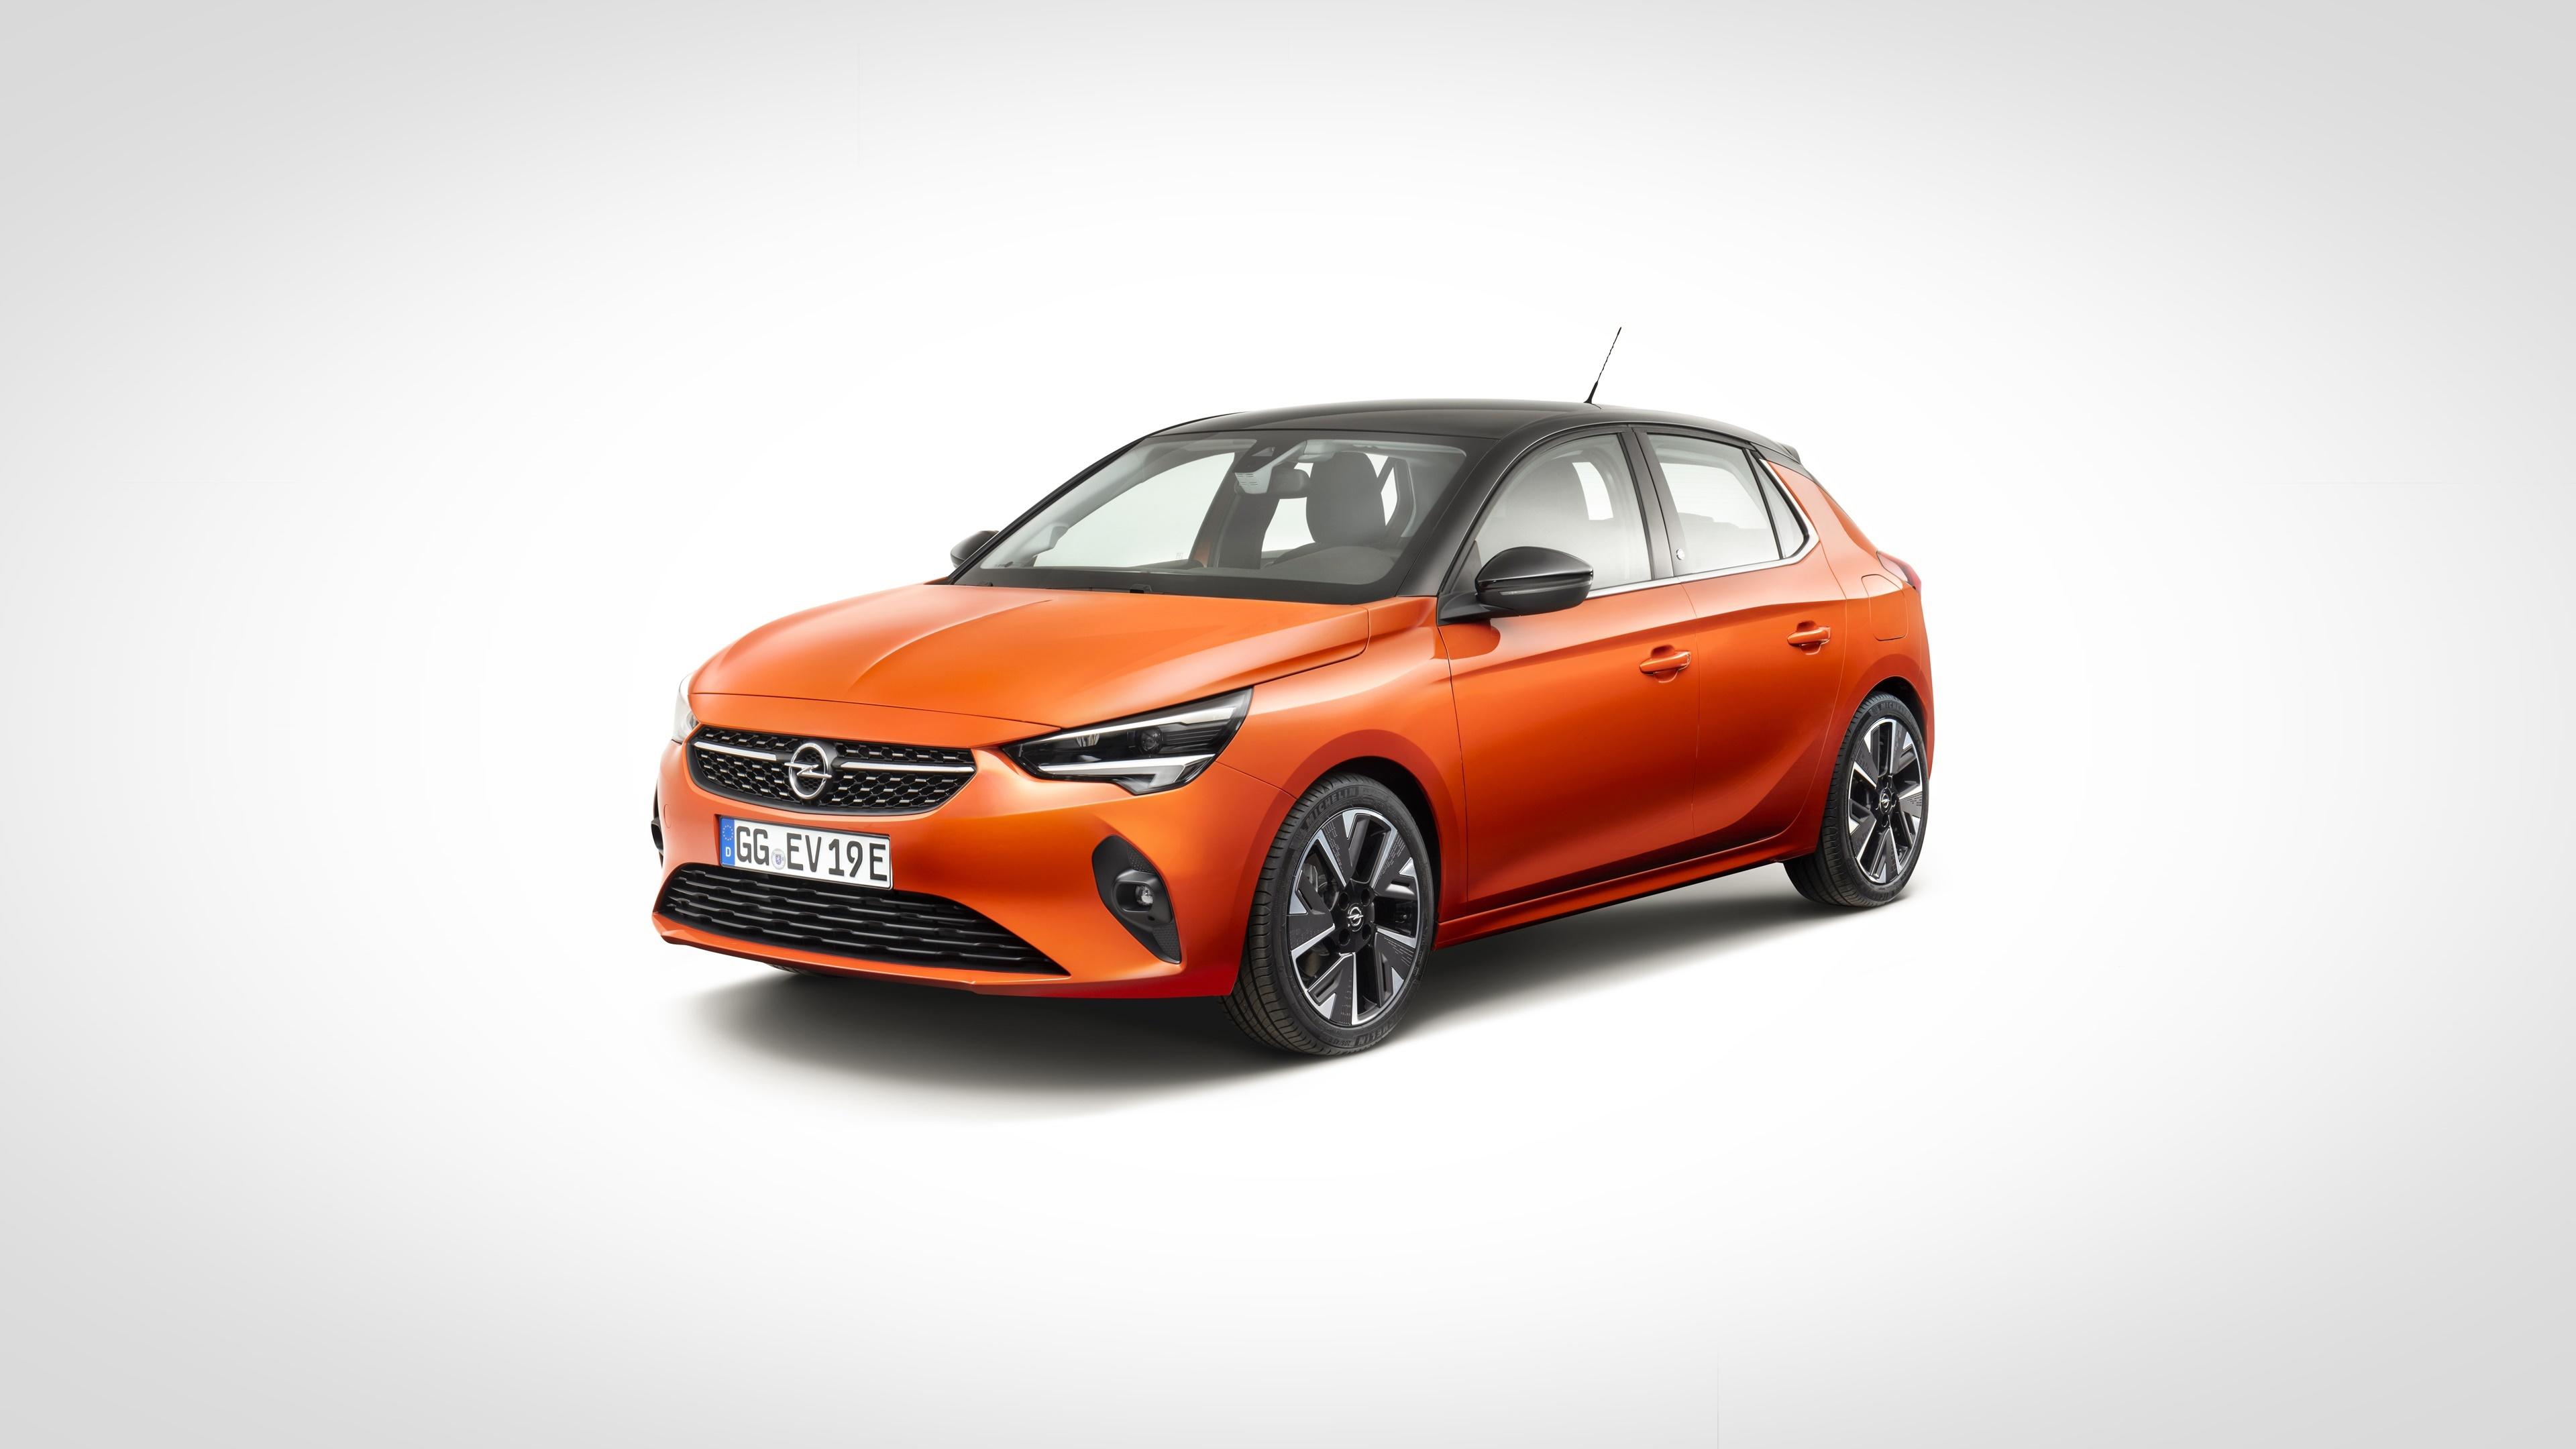 Фотография Opel Corsa, 2020 оранжевых Металлик Автомобили Серый фон Опель Оранжевый оранжевые оранжевая авто машина машины автомобиль сером фоне